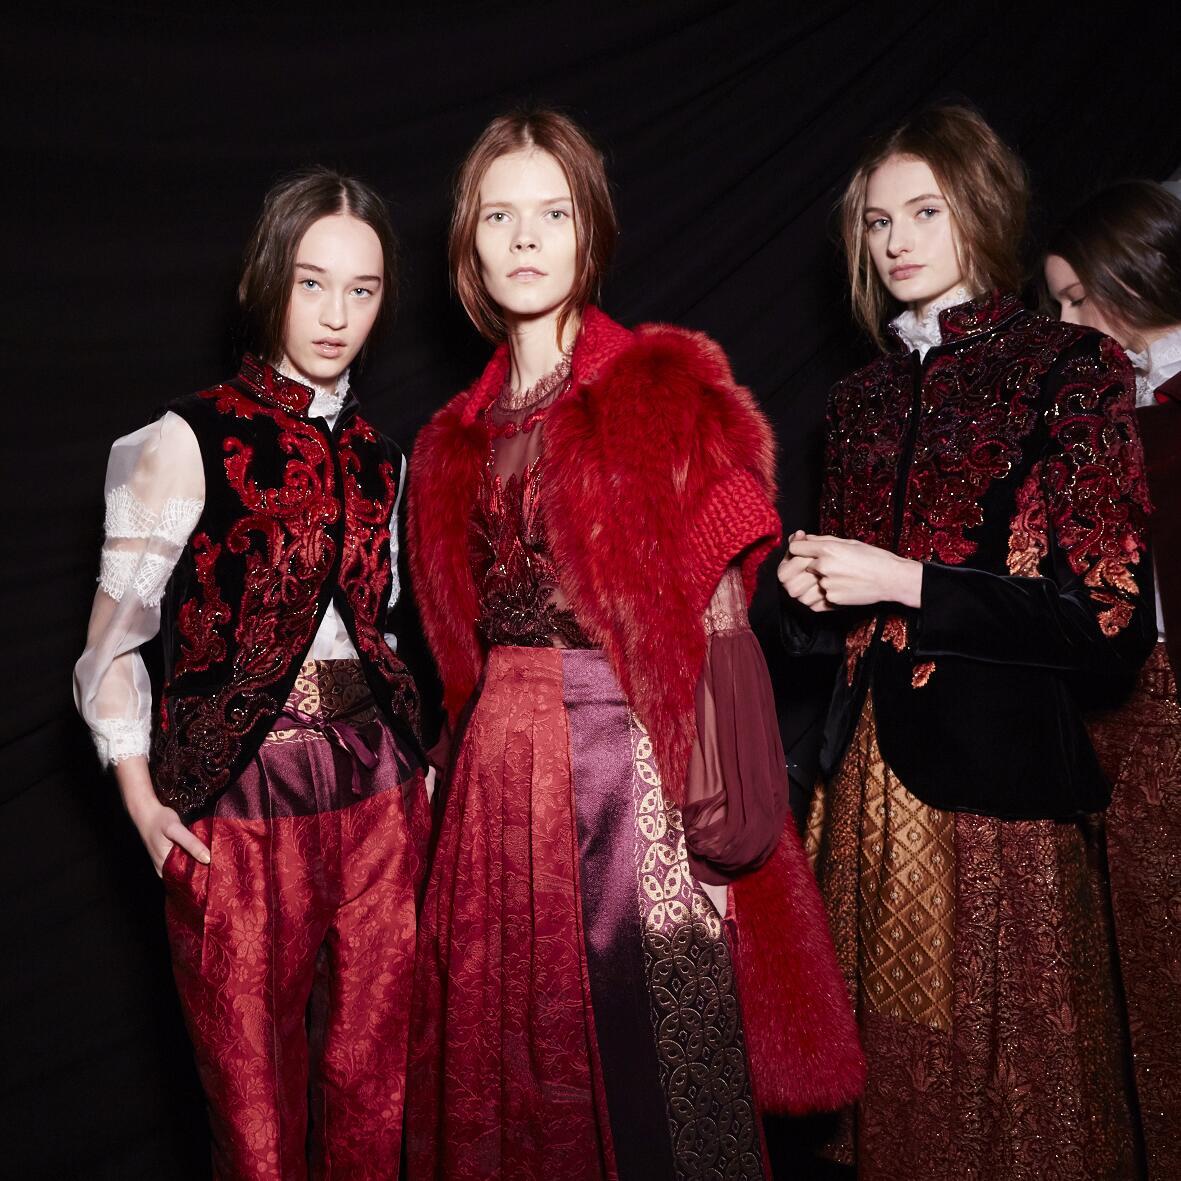 Models Backstage Alberta Ferretti